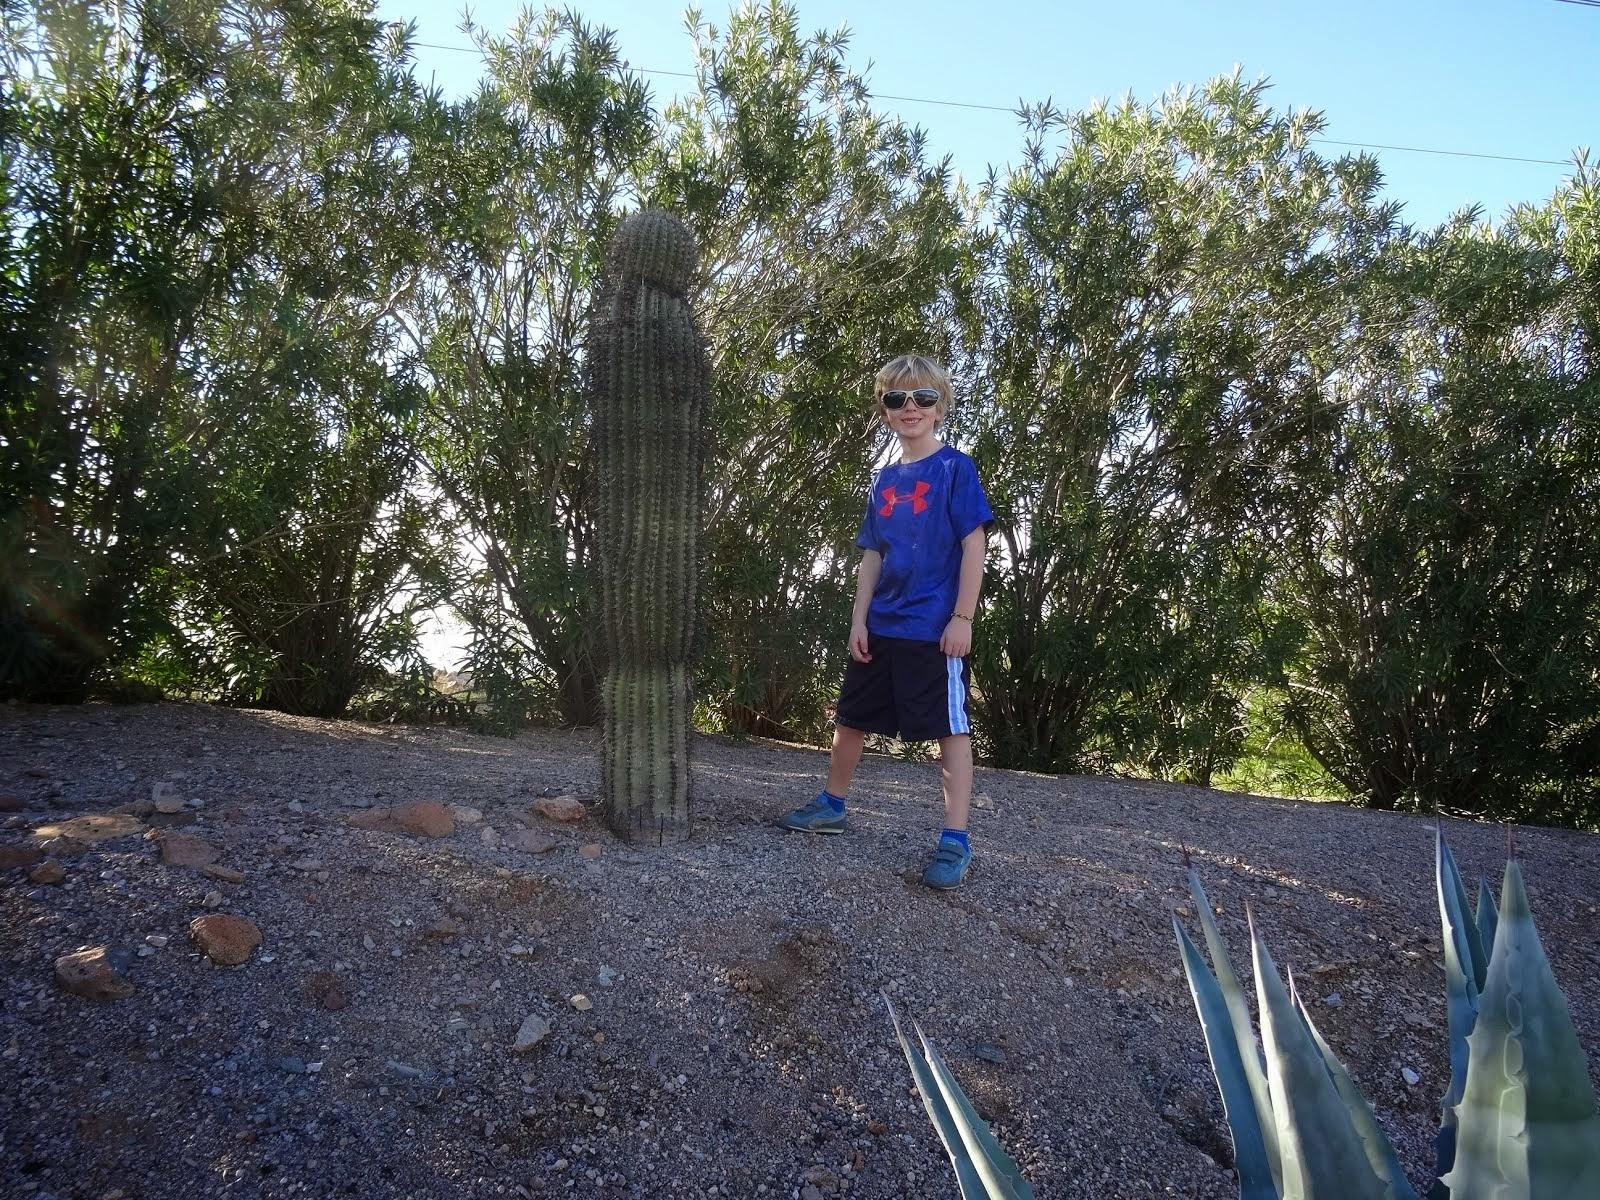 Boy Meets Cactus.